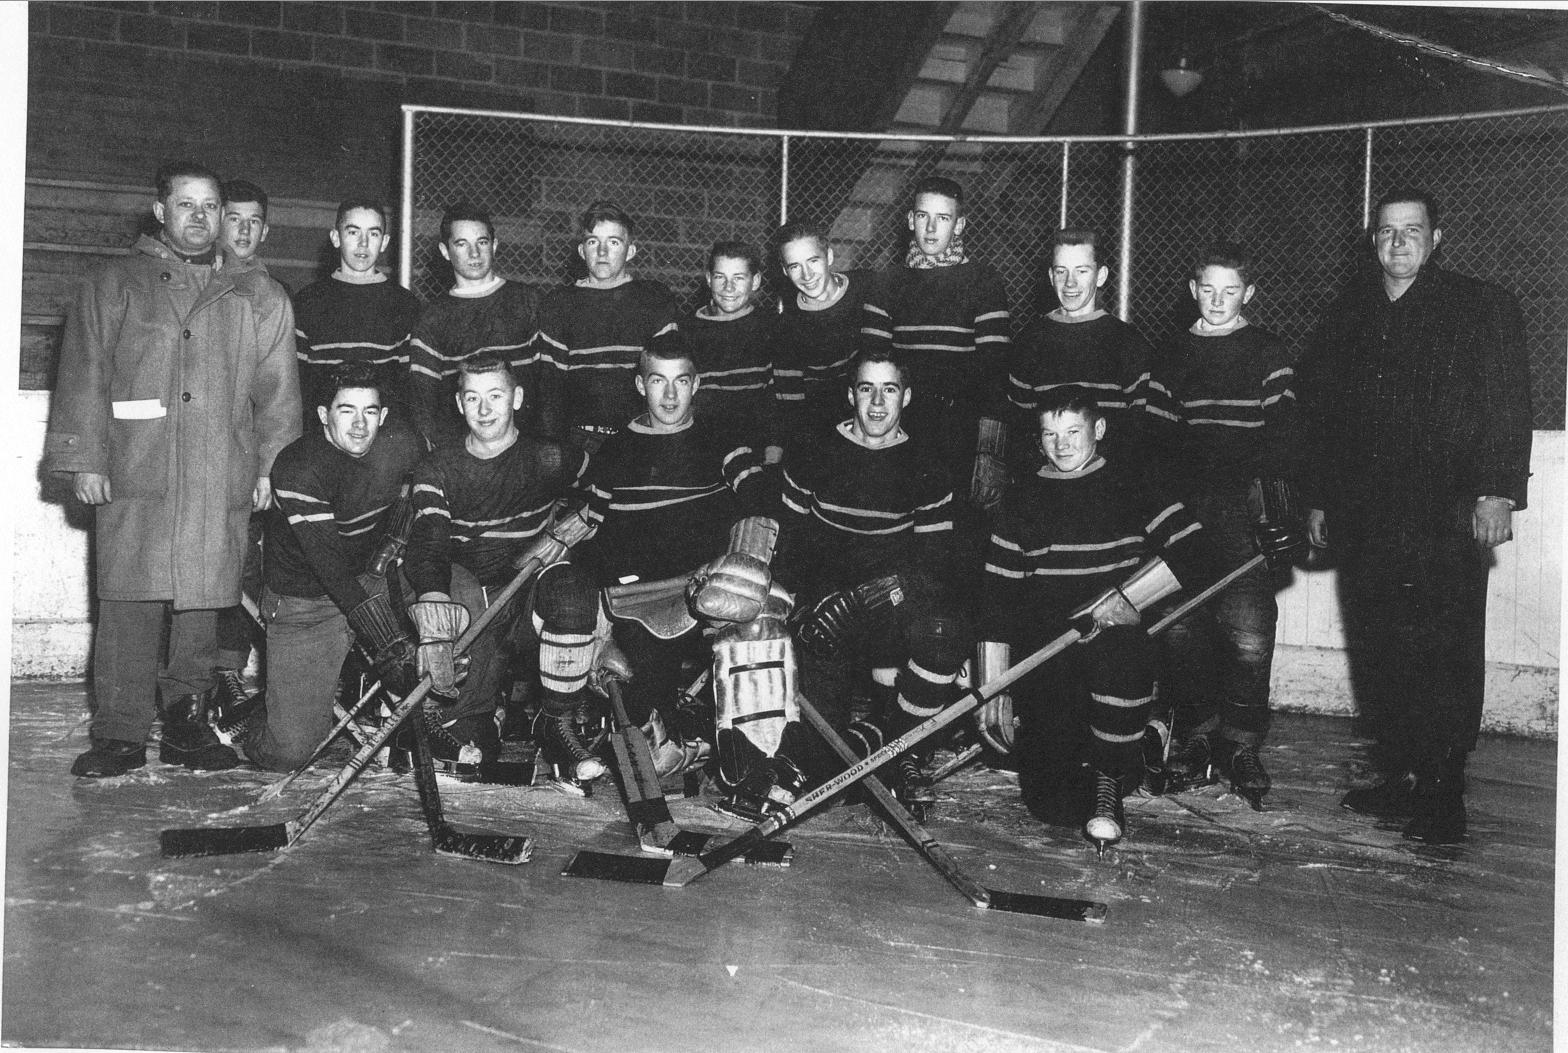 NSER hockey team 1955-56